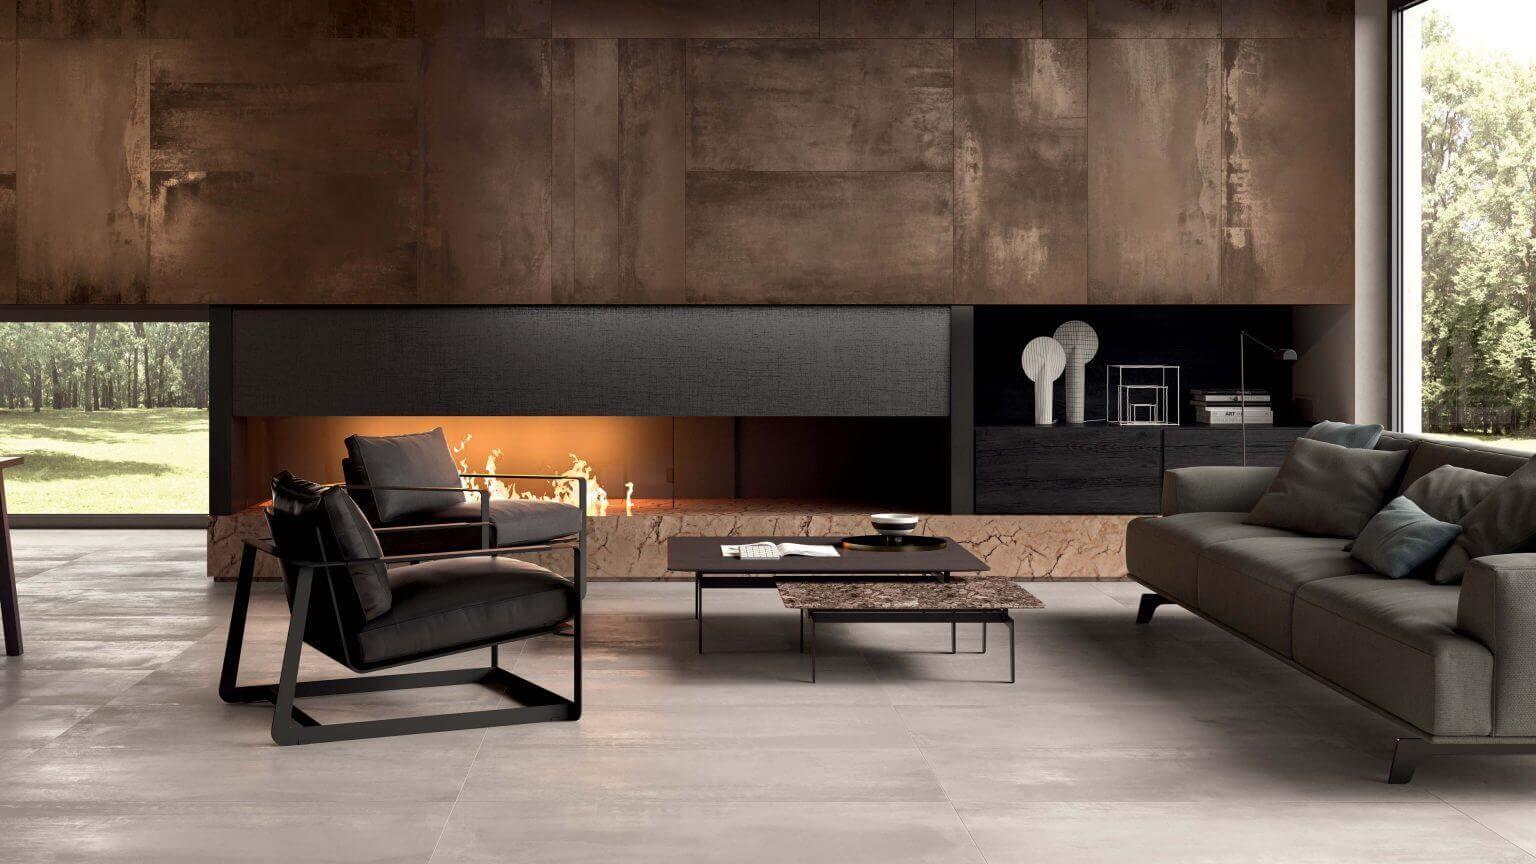 stijlstudio-villa-3-1536x864